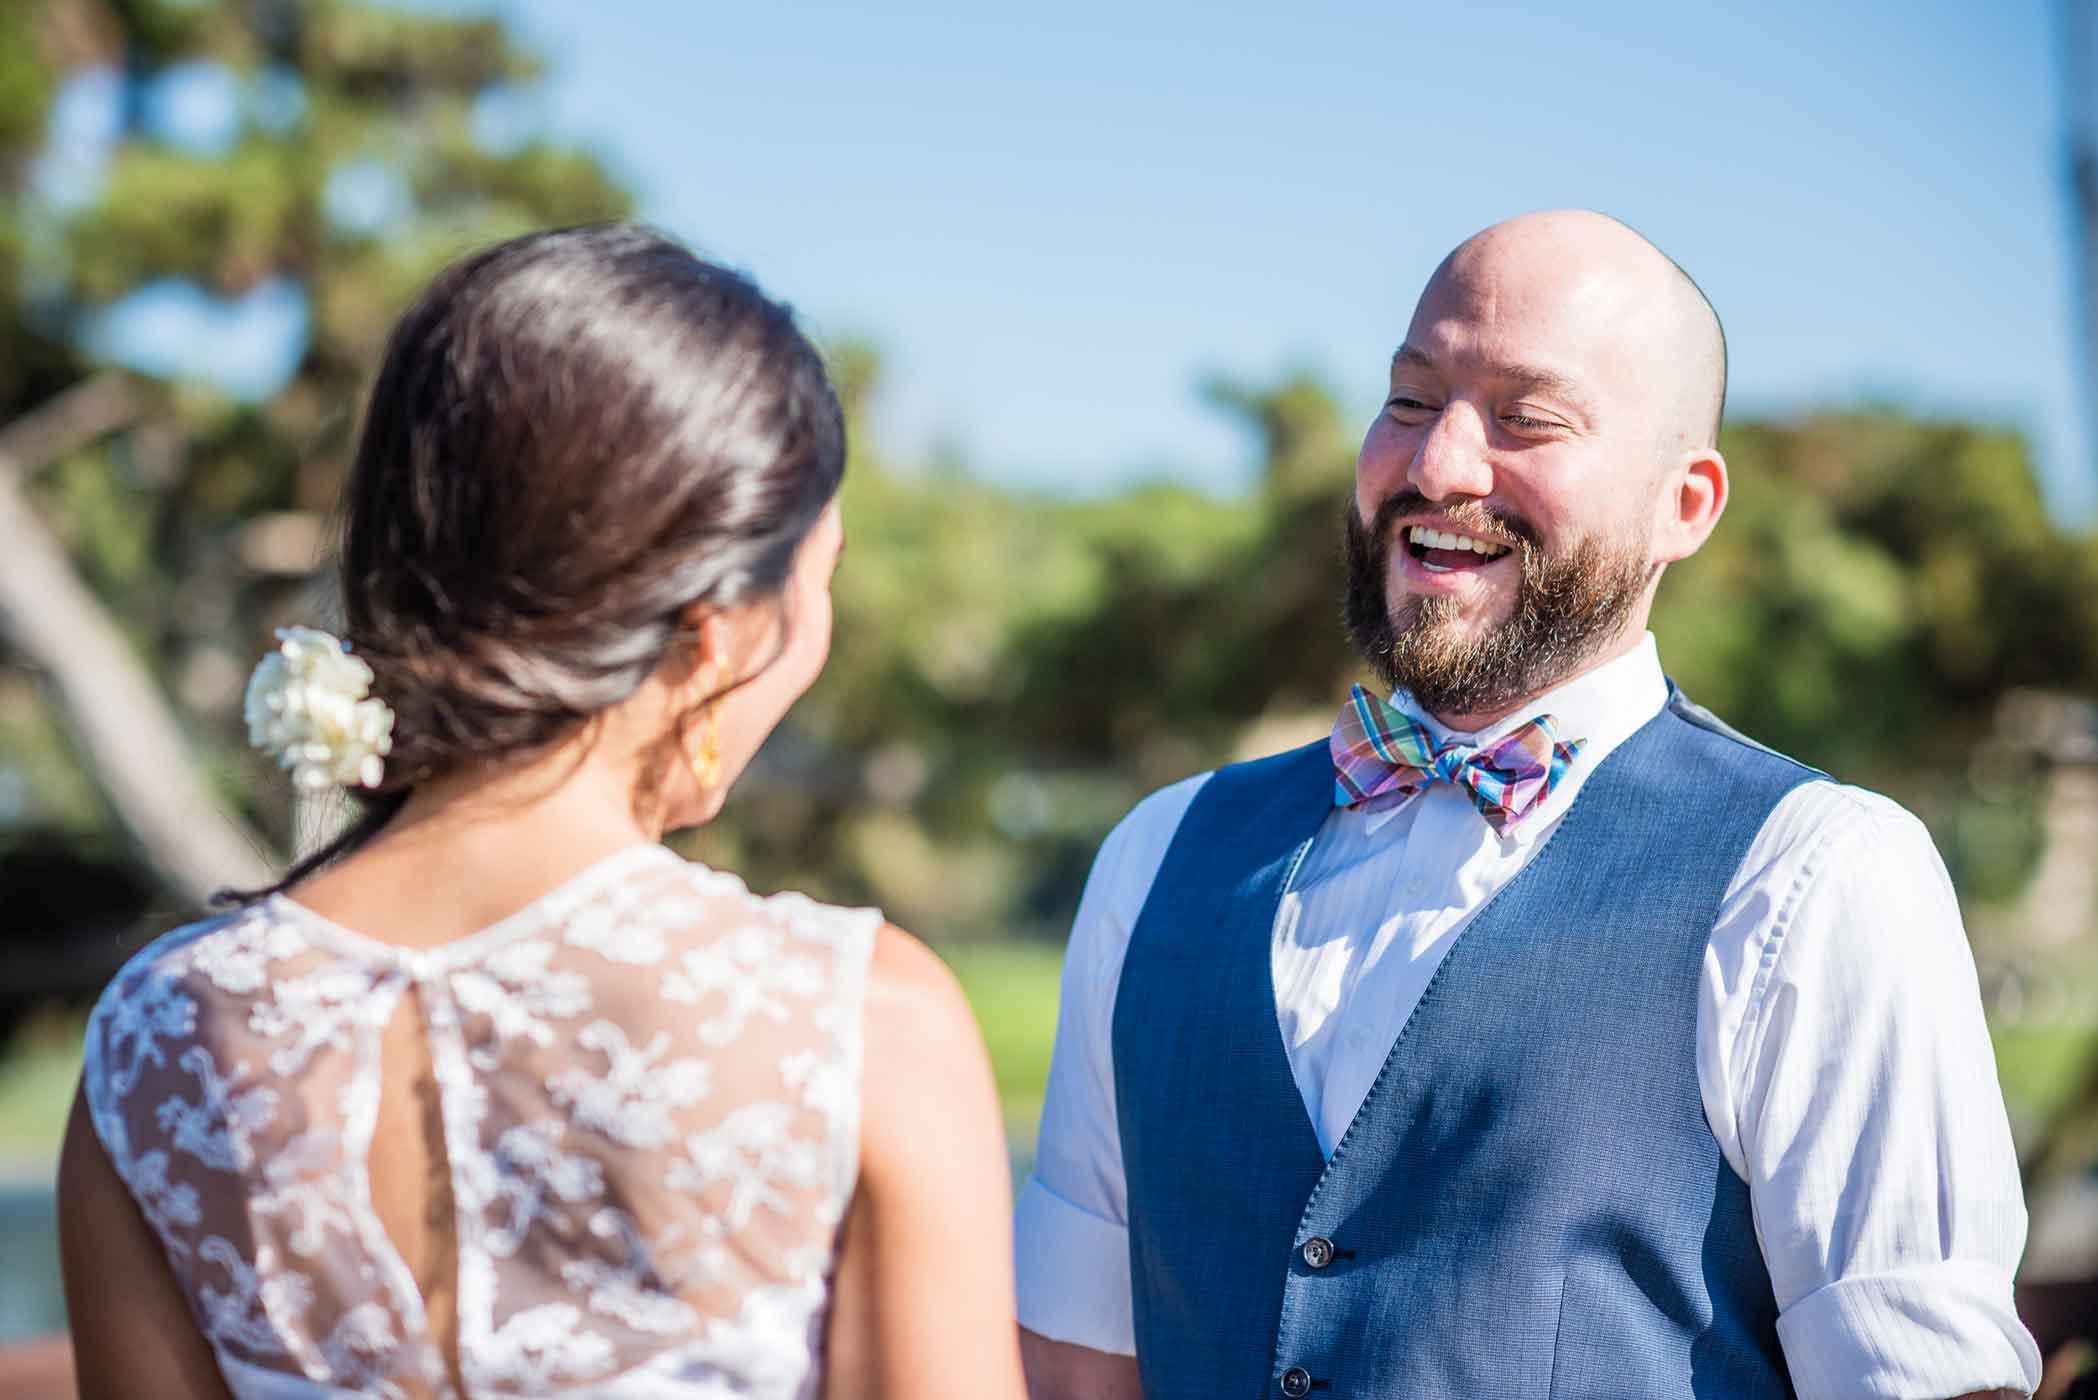 smlNahal-+-Joe-Wedding---Aug-2015-54.jpg